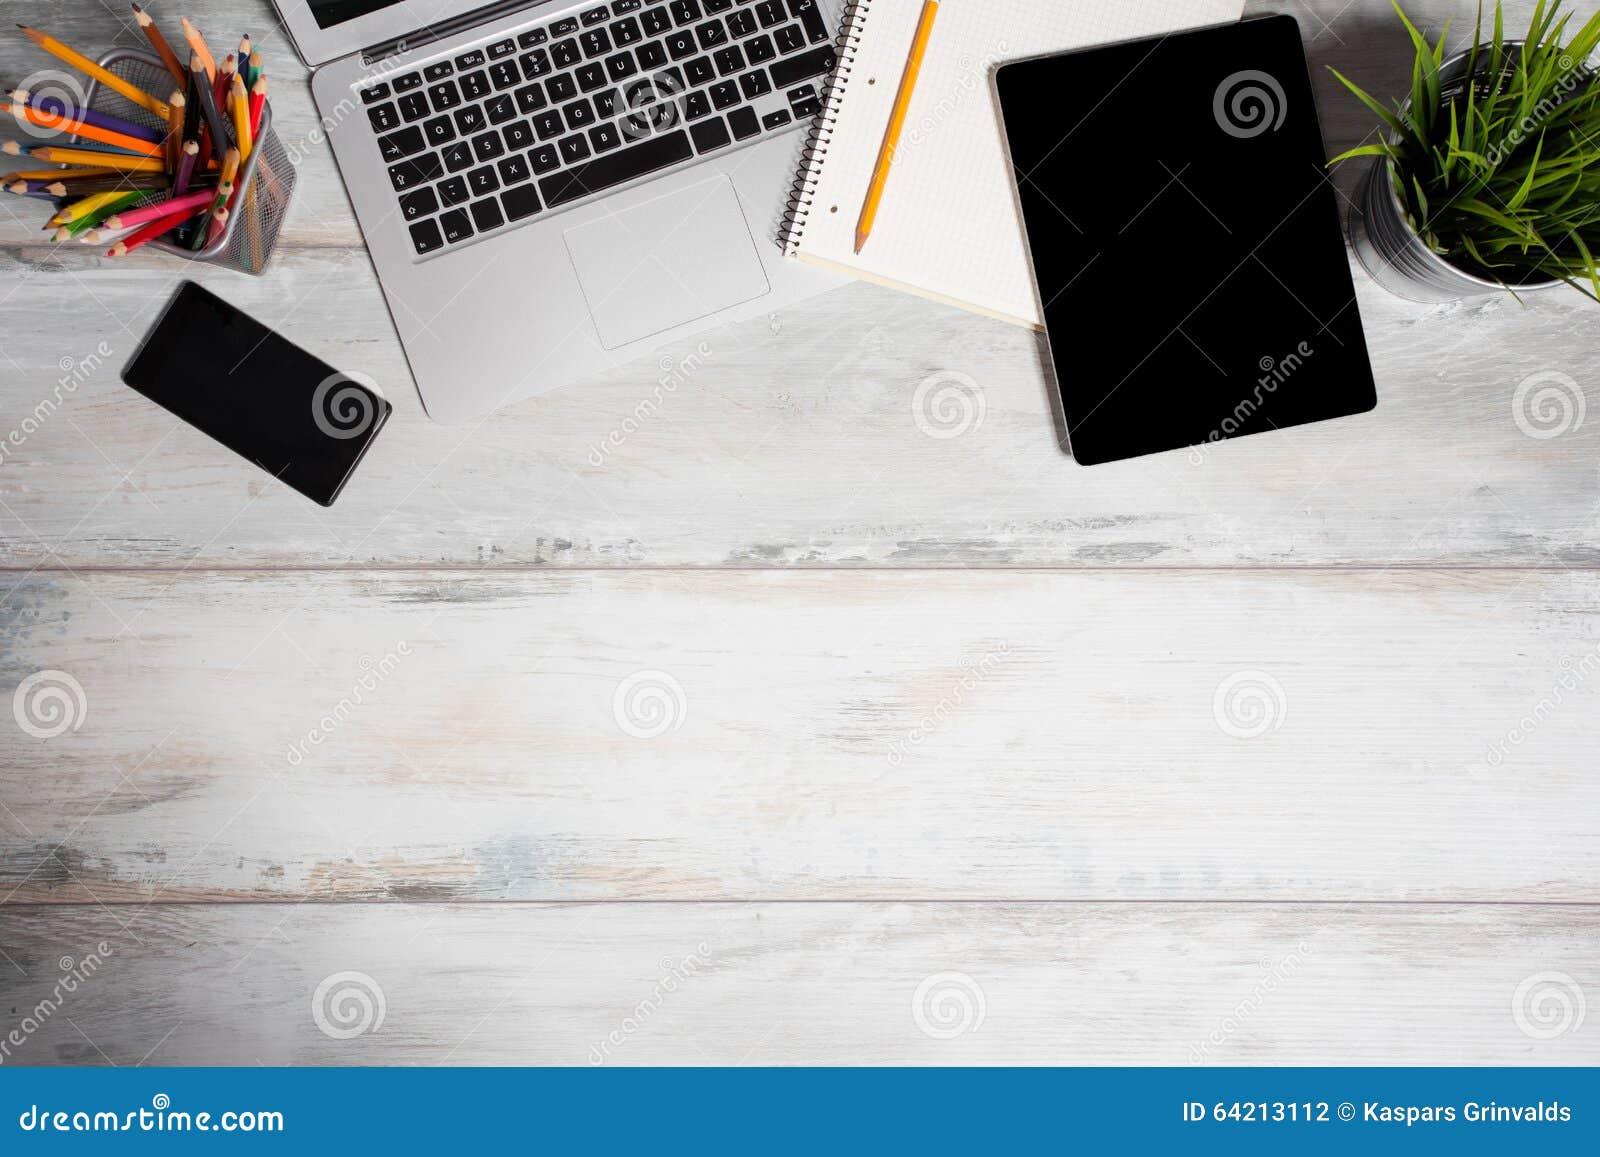 Diversas herramientas de funcionamiento en oficina